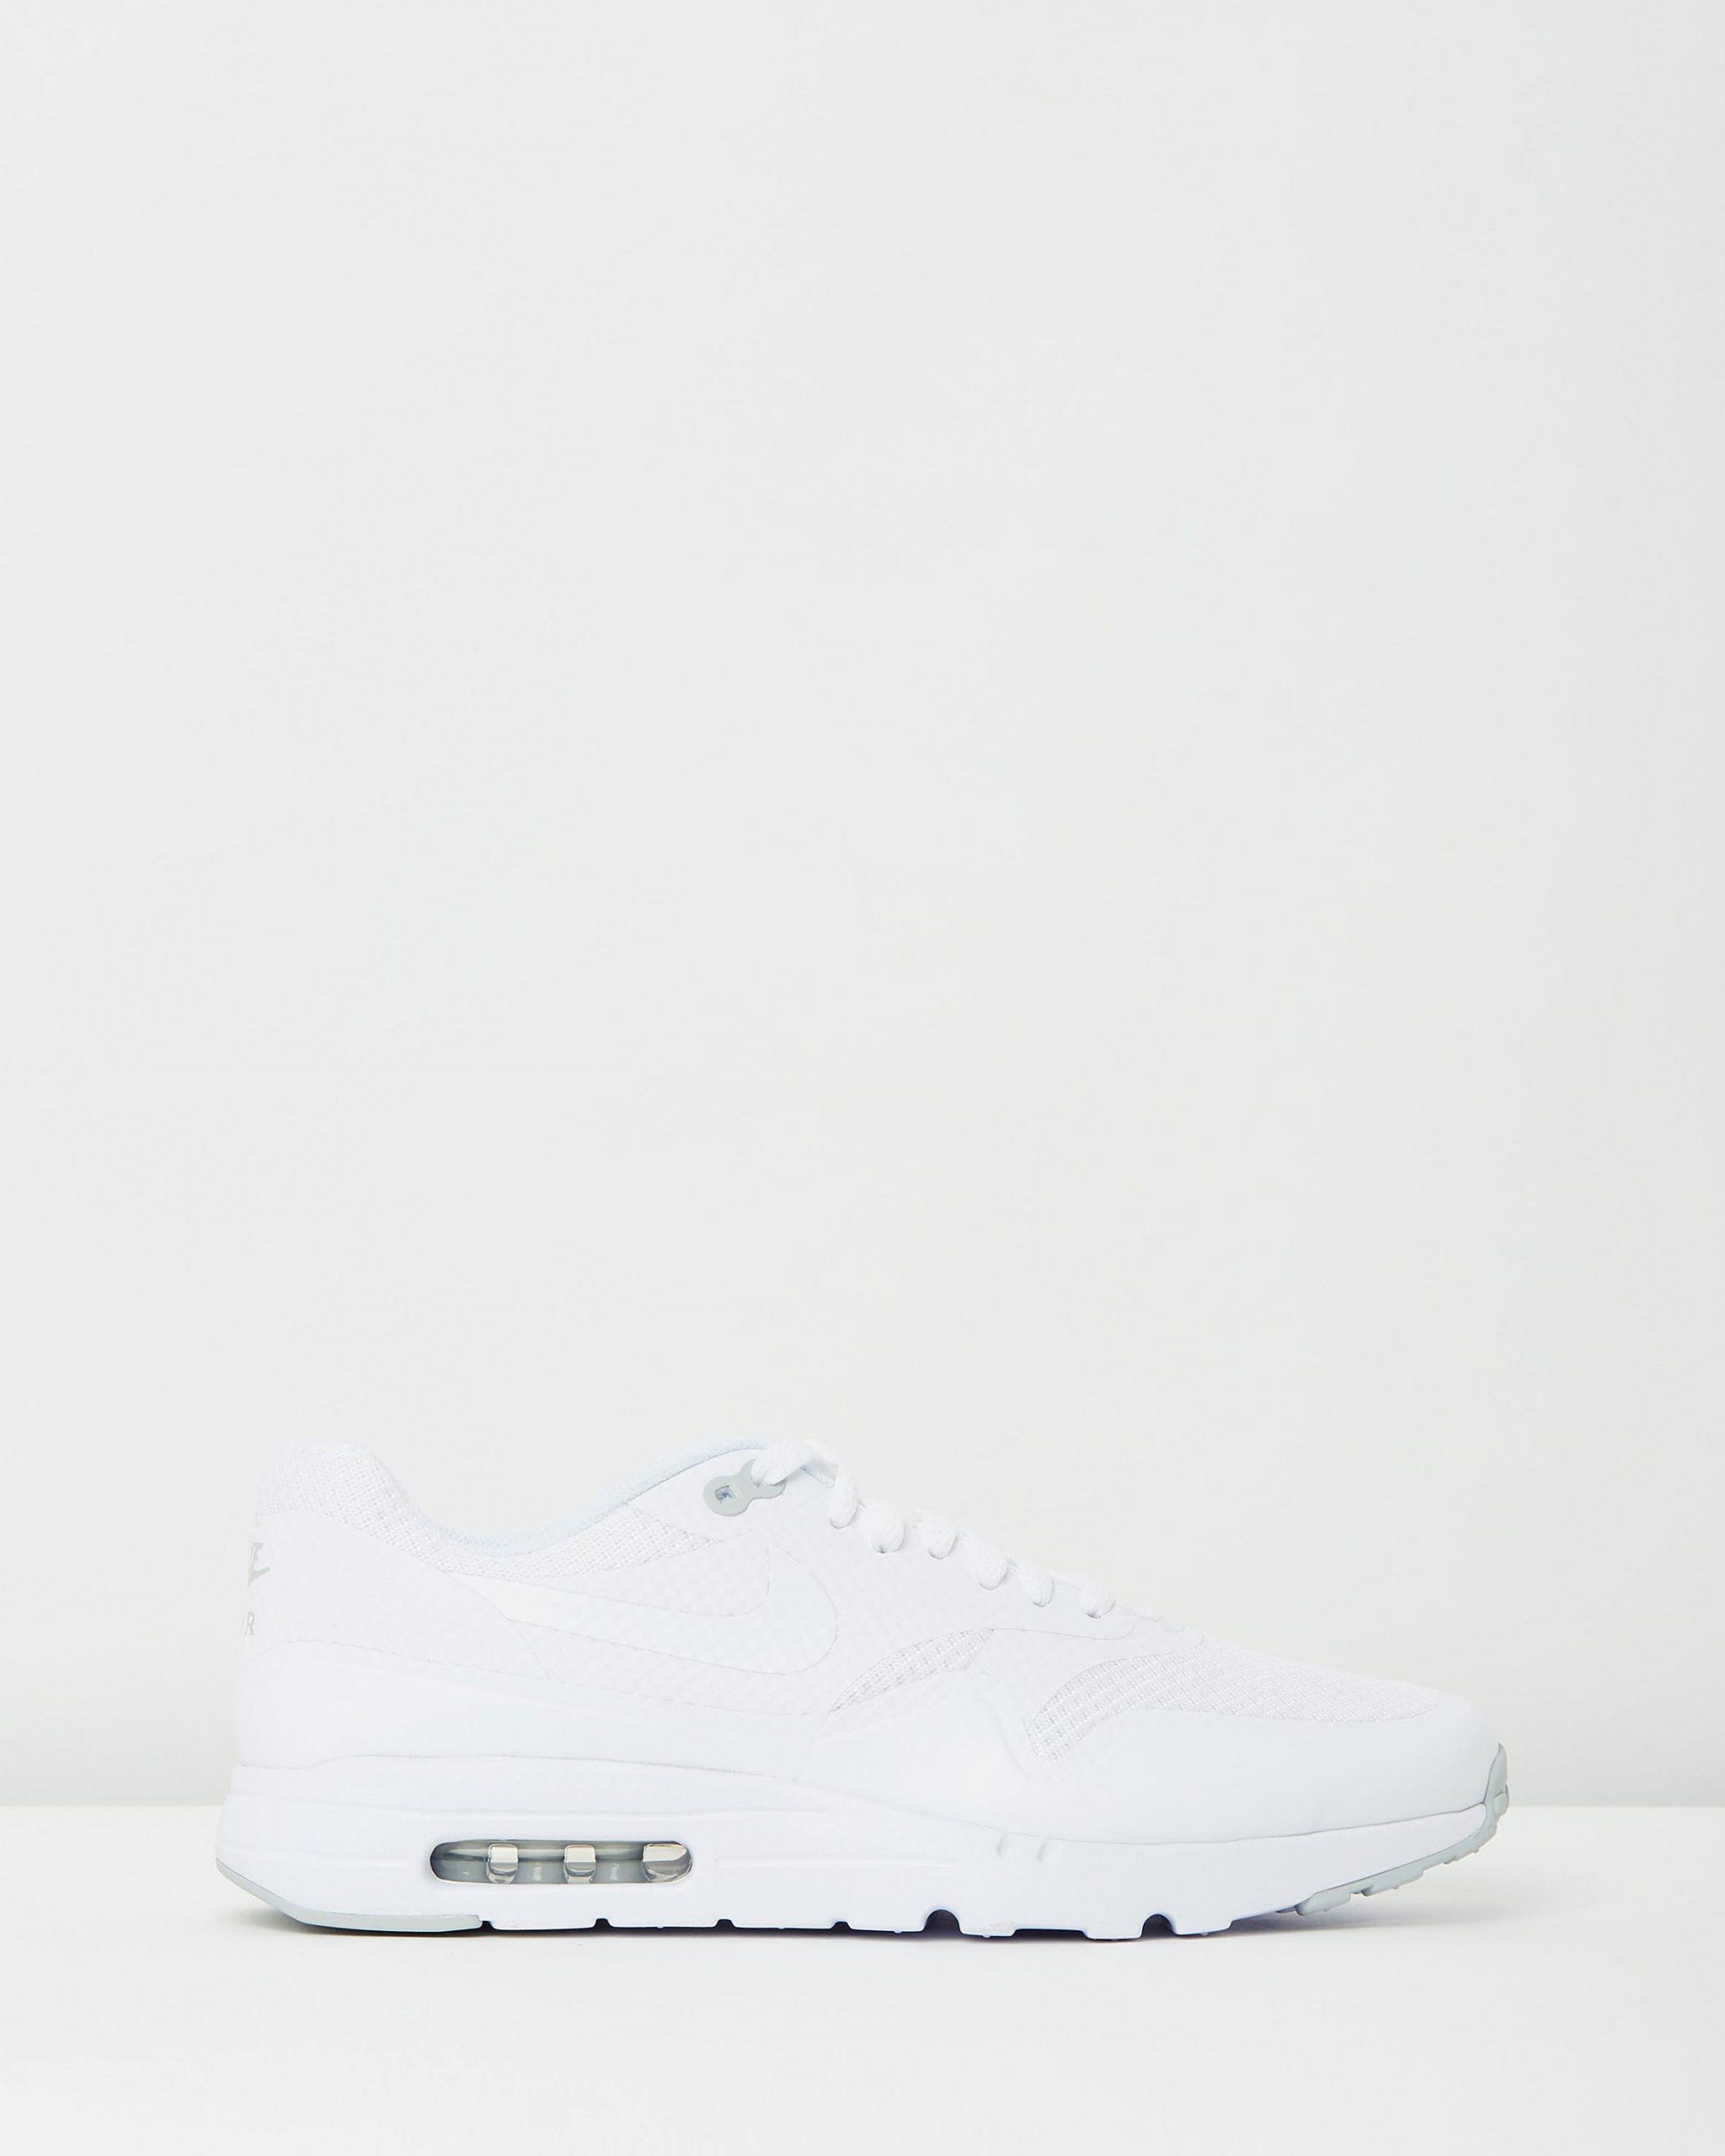 Nike Mens Air Max 1 Ultra Essential White